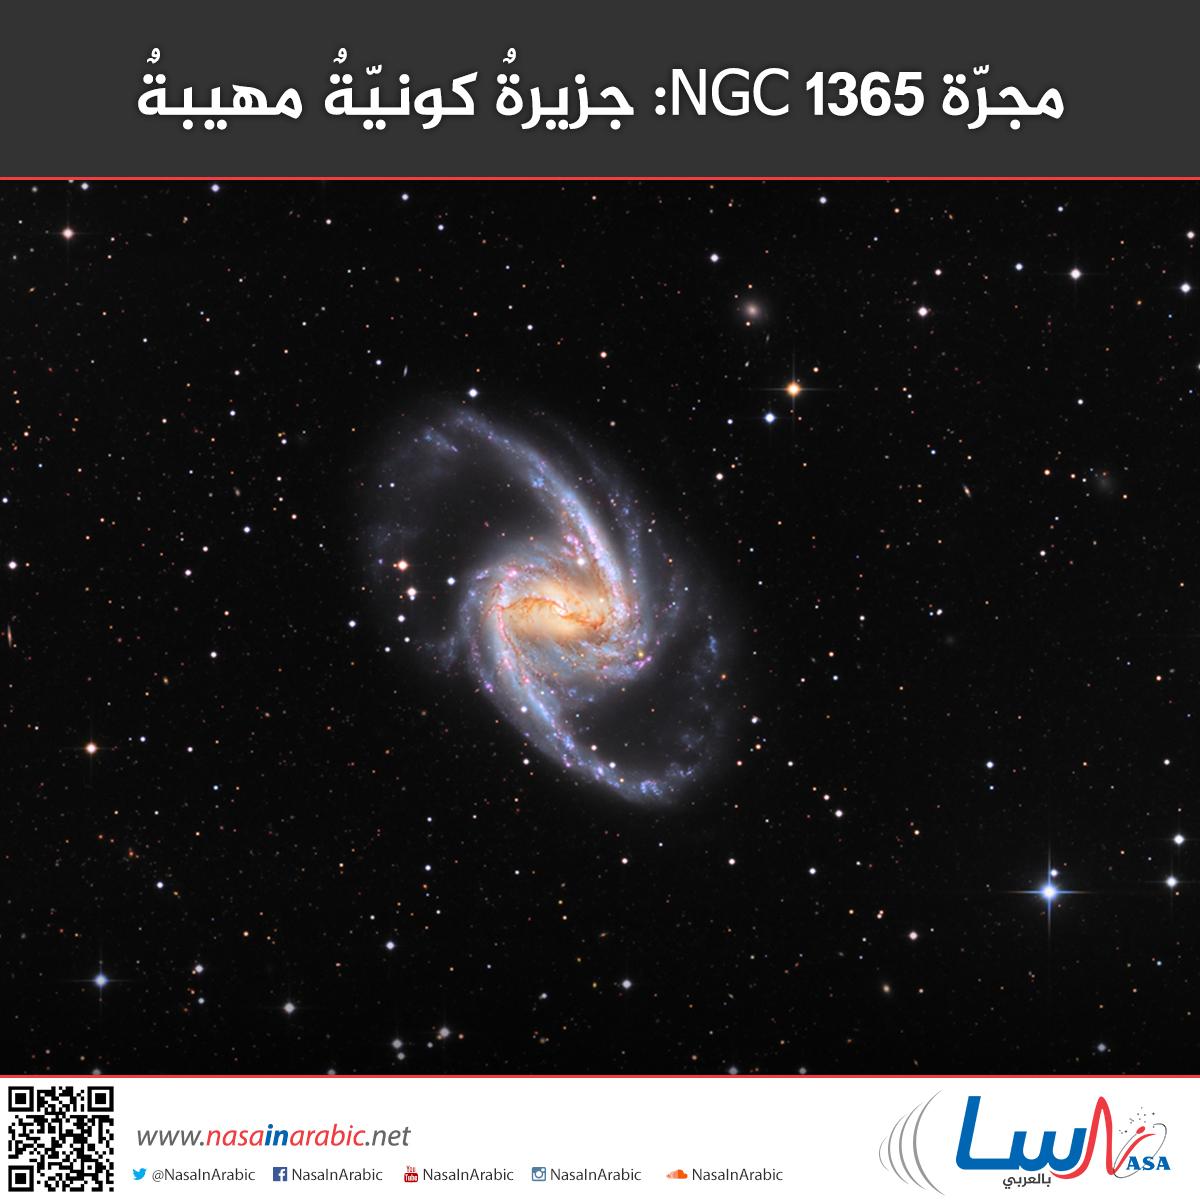 مجرة NGC 1365 جزيرة كونية مهيبة